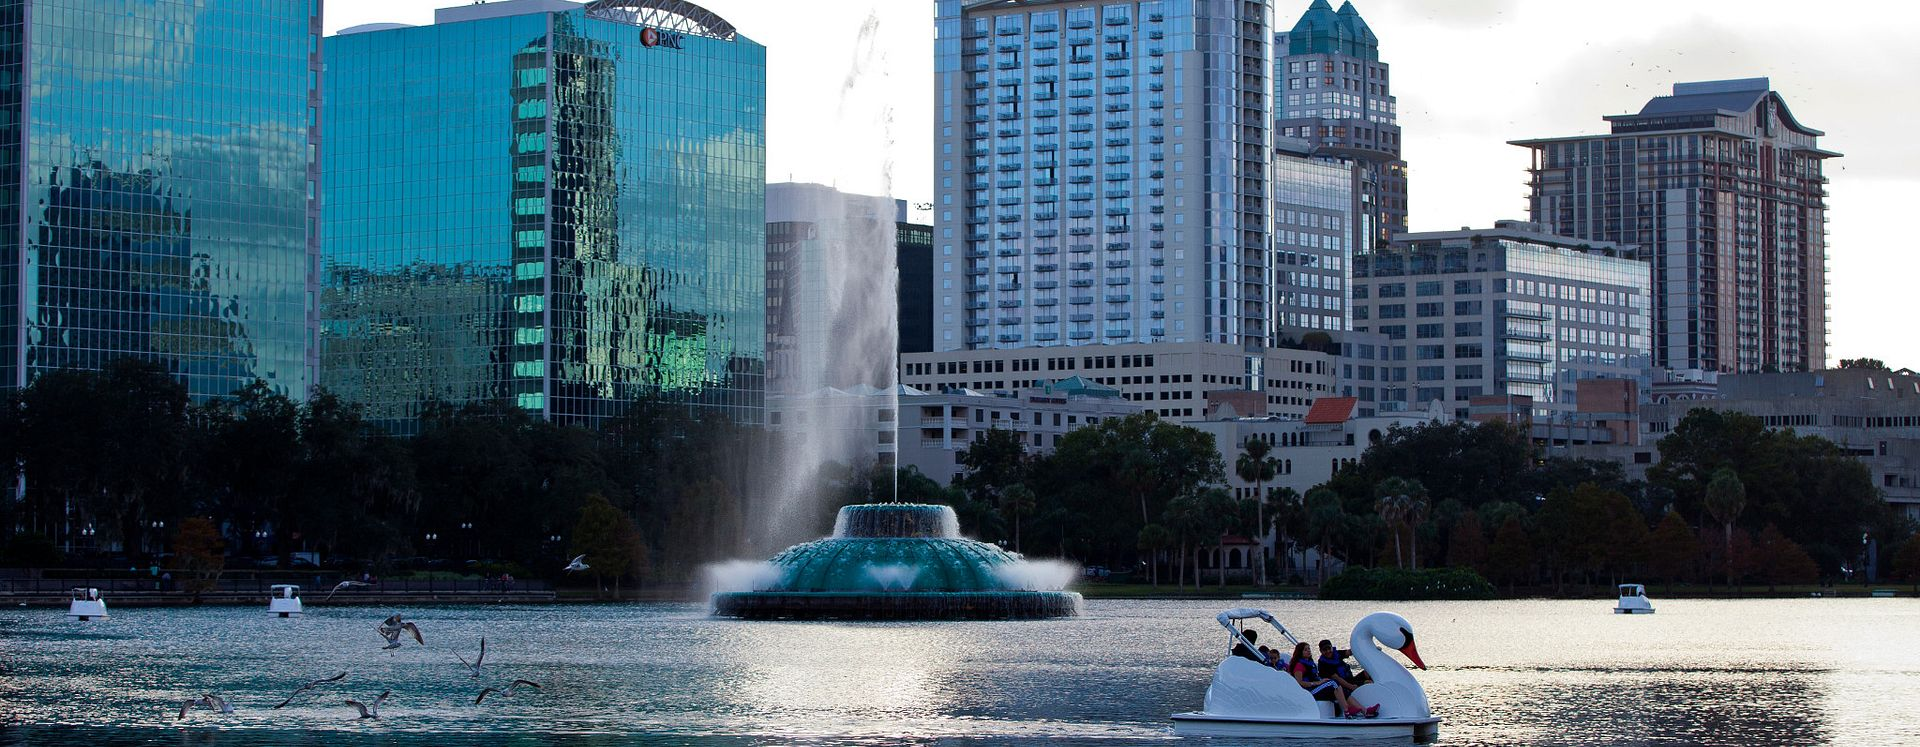 Un bote de cisnes y una fuente en el lago Eola en el centro de Orlando al atardecer